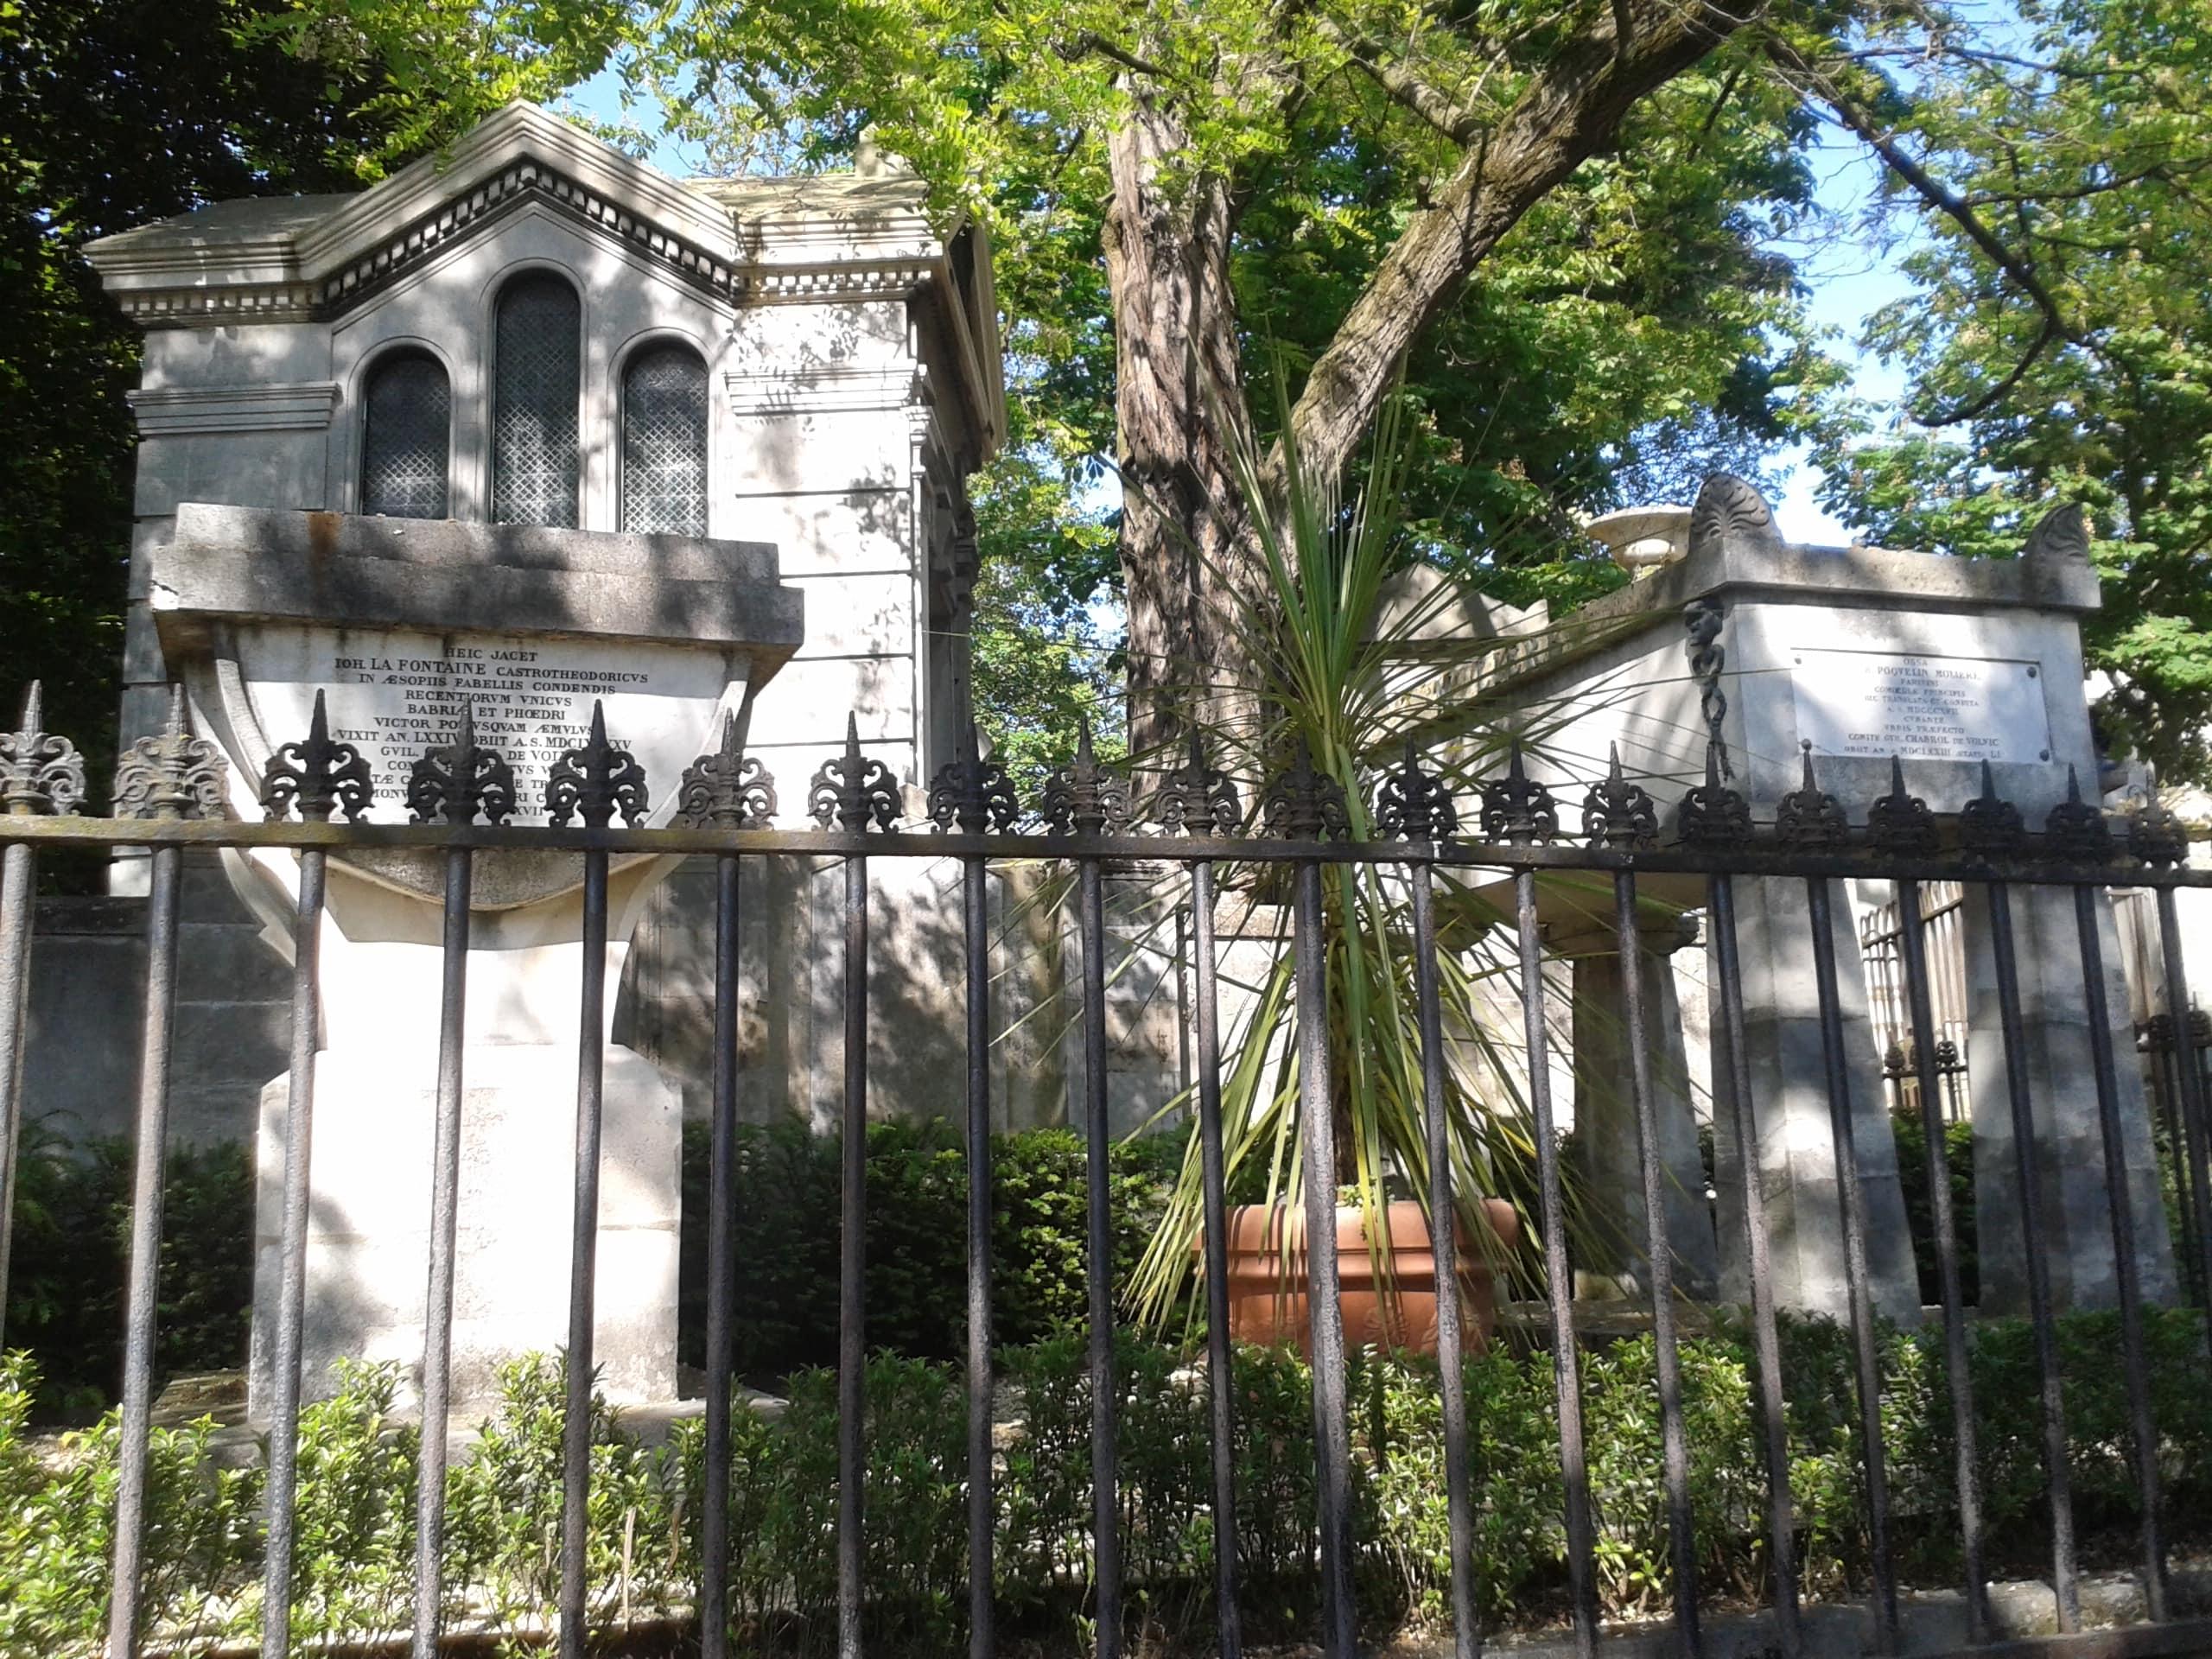 Tombes La Fontaine et Molière